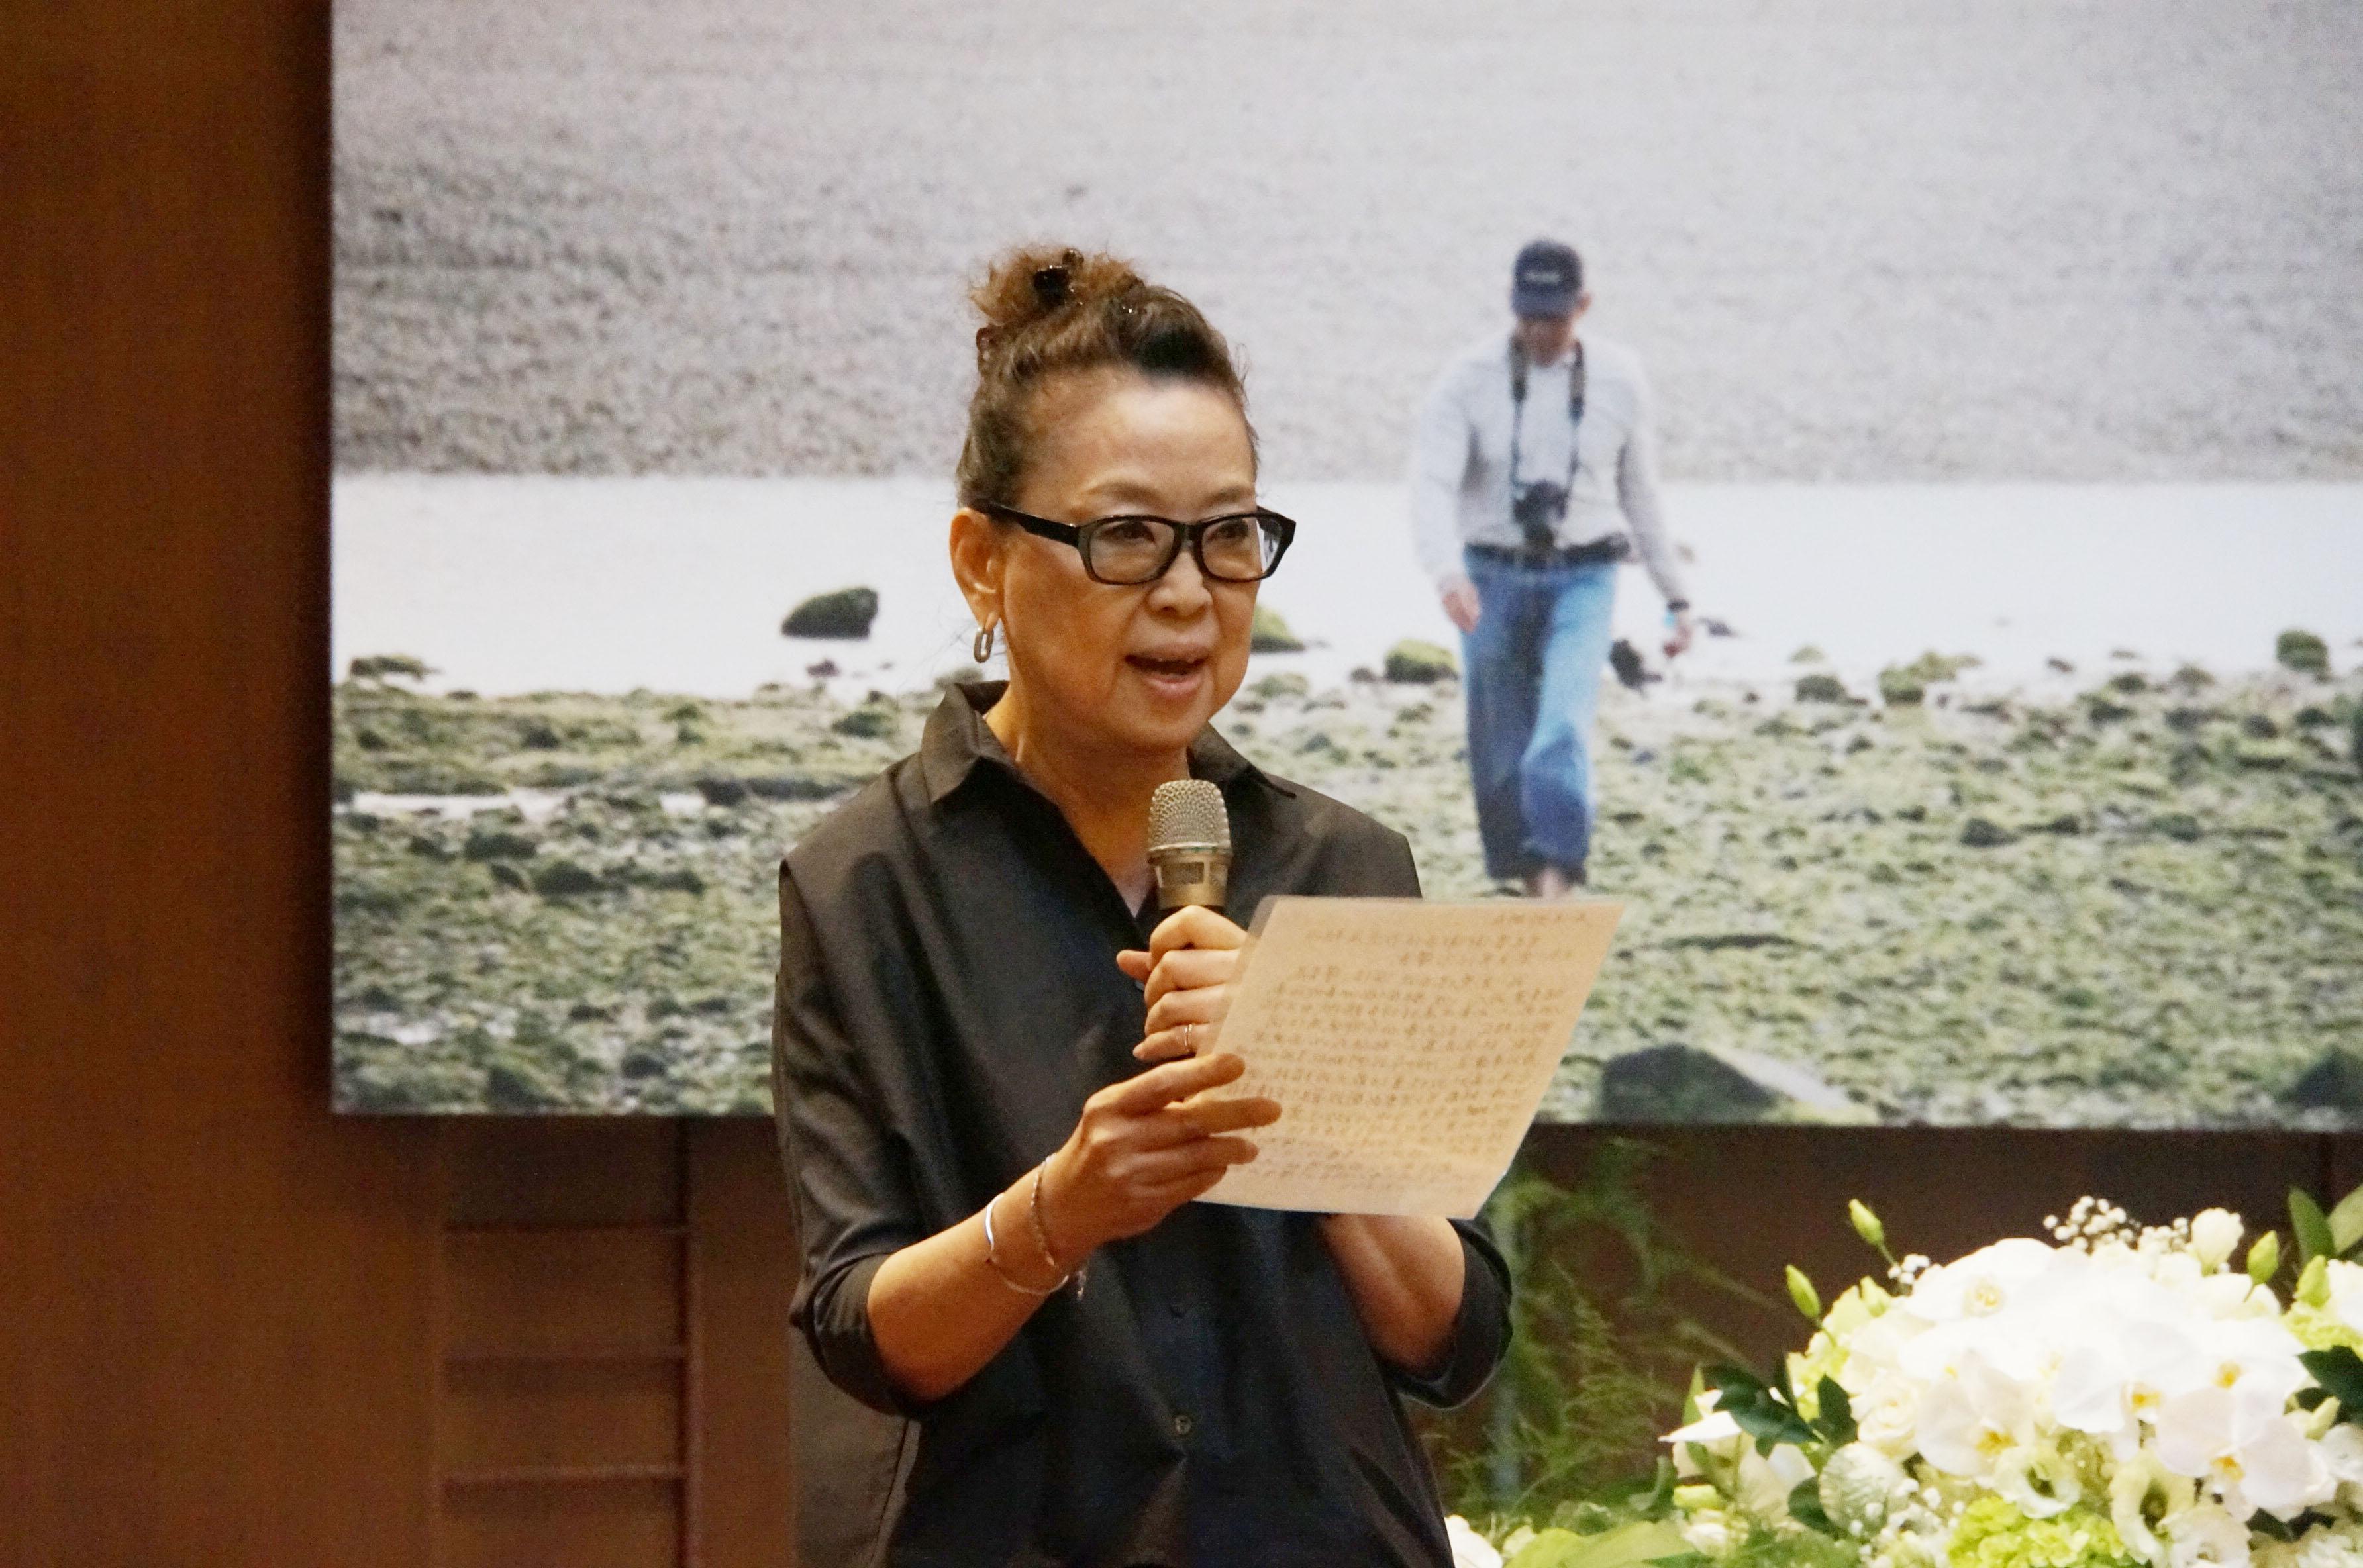 師母楊世芝女士向與會者致謝,感謝大家的友誼並永誌不忘.jpg